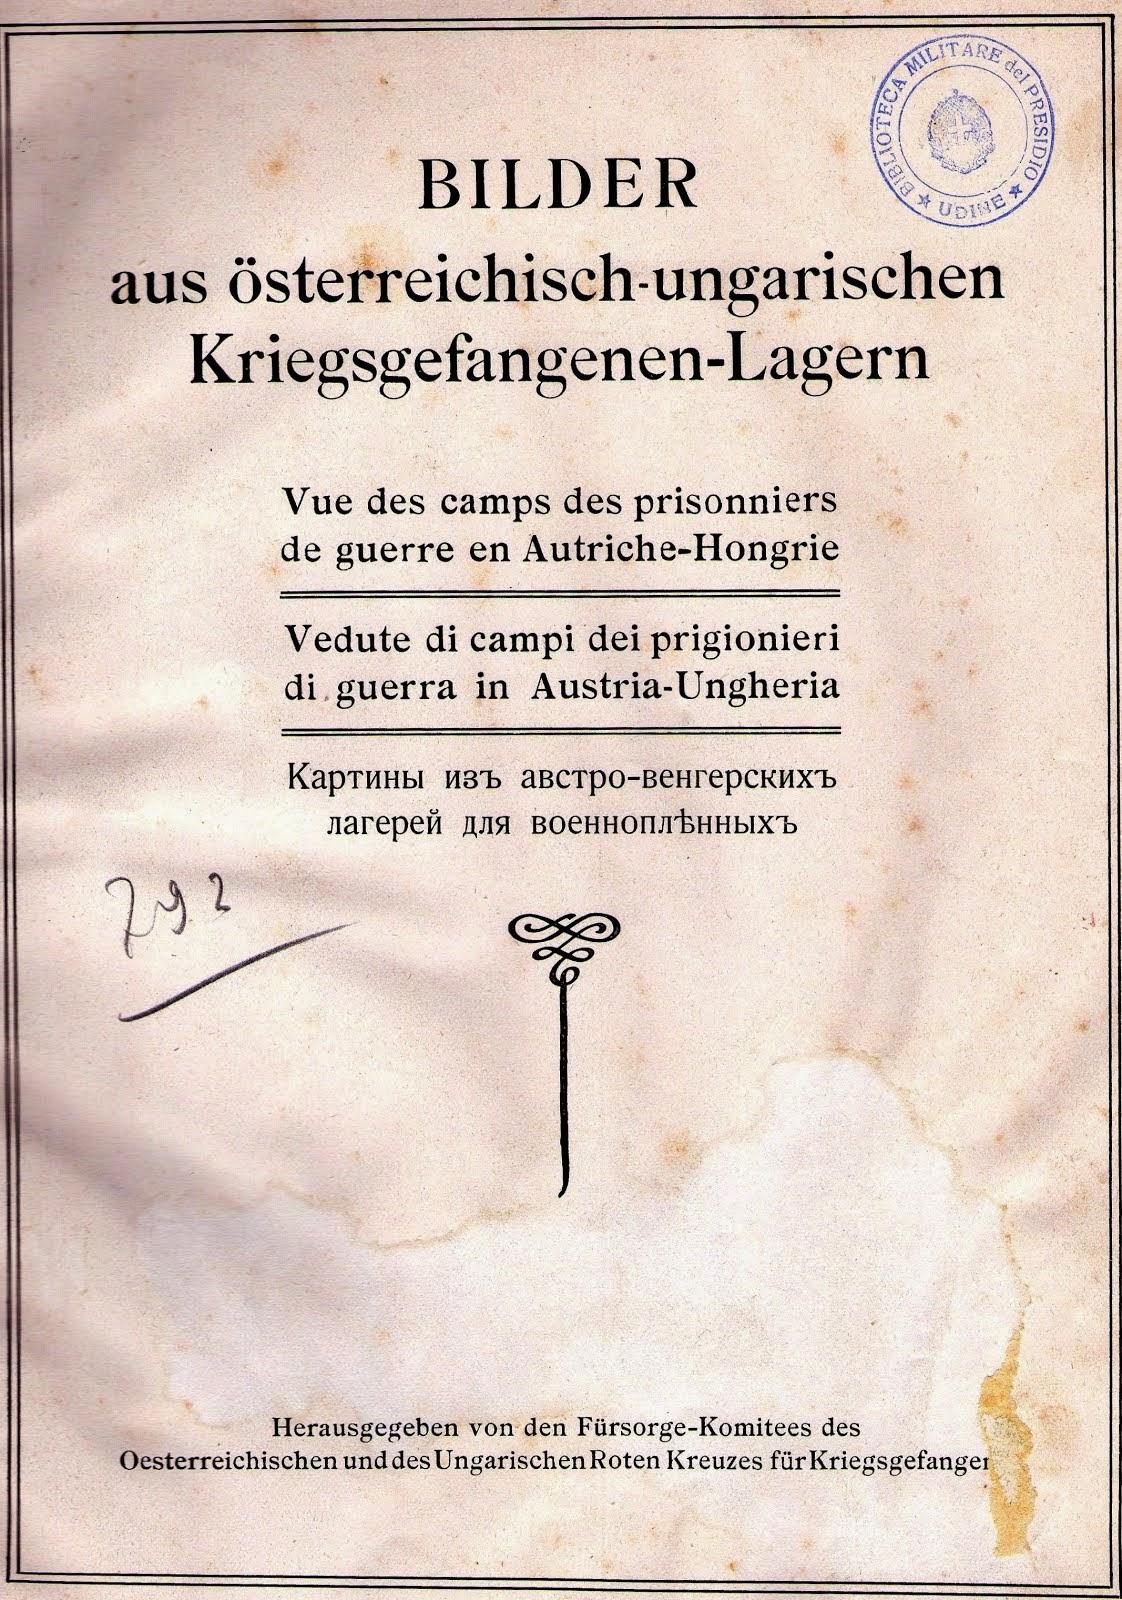 Vedute di campi di prigionieri di guerra in Austria-Ungheria